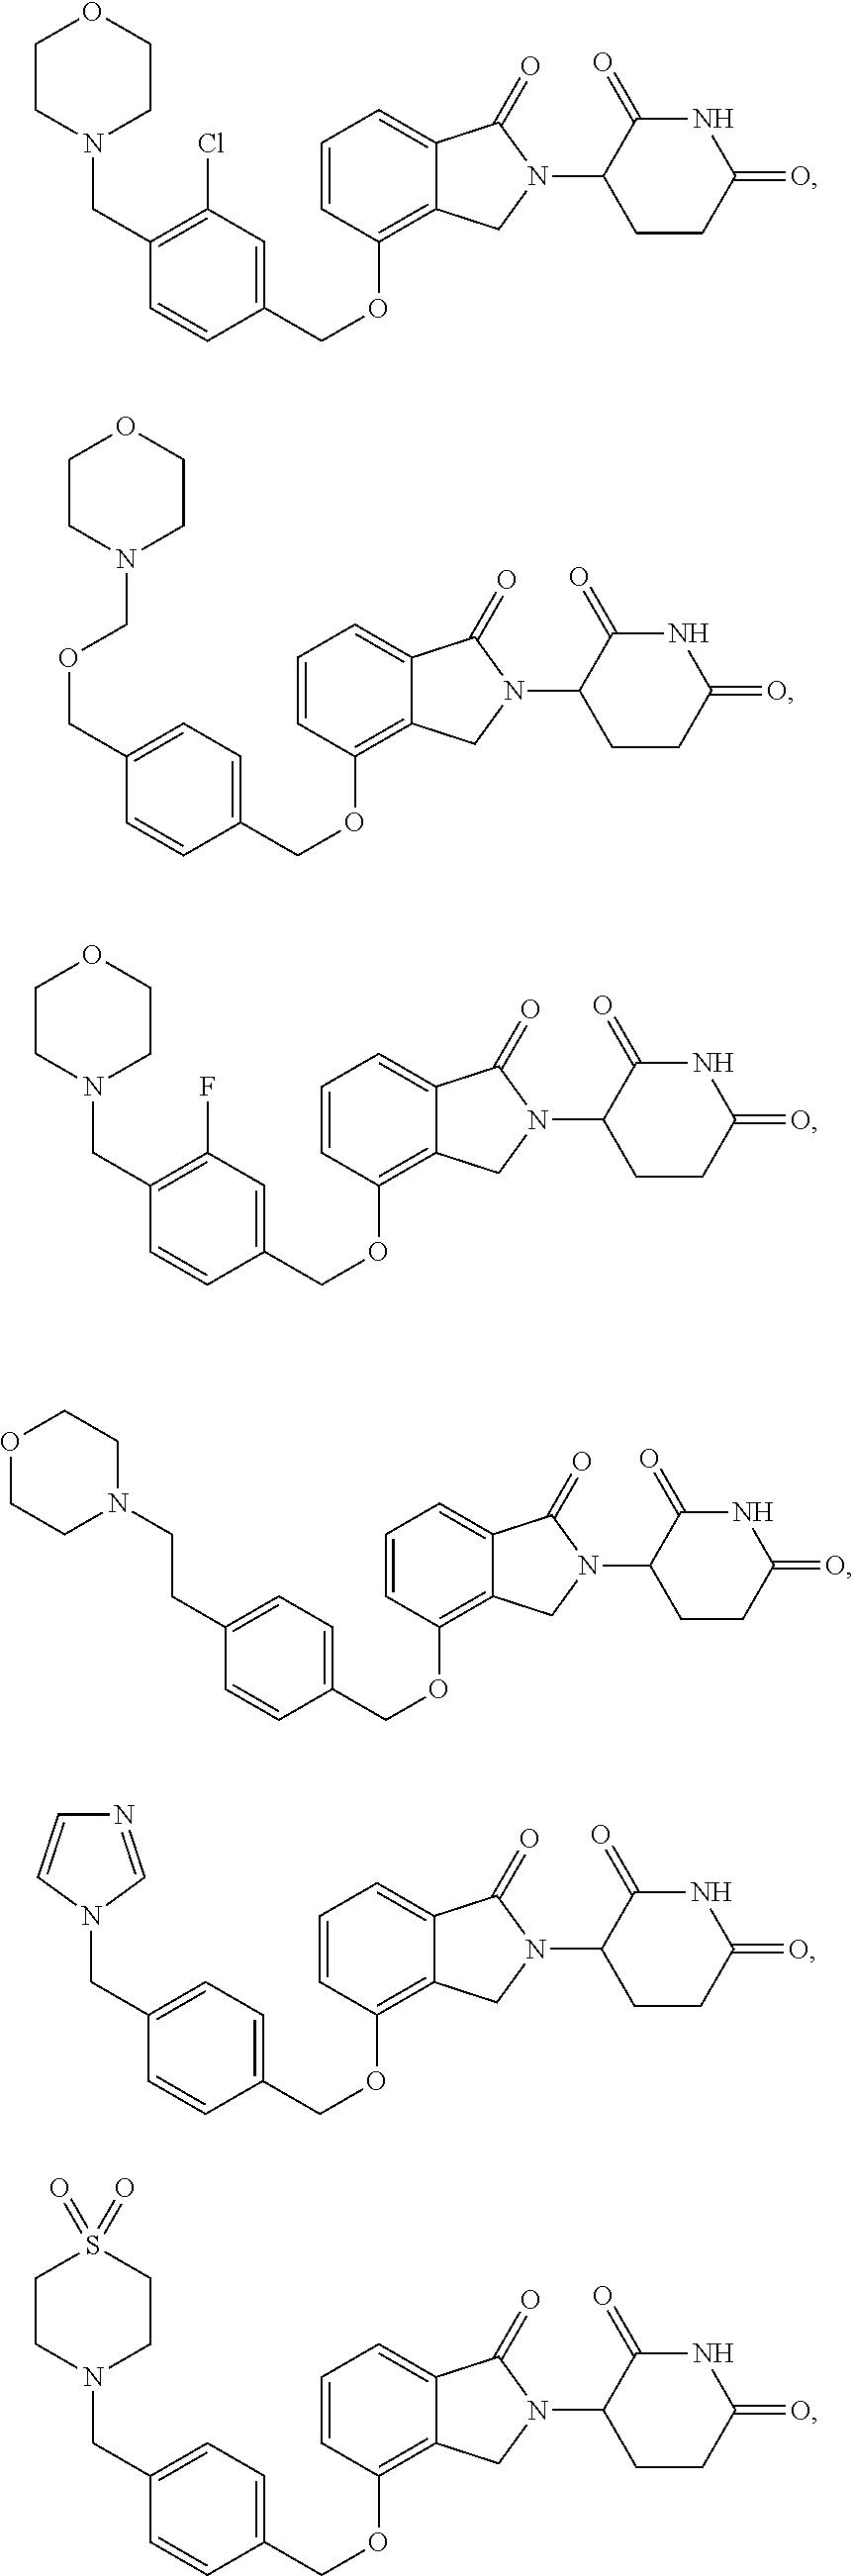 Figure US09587281-20170307-C00045